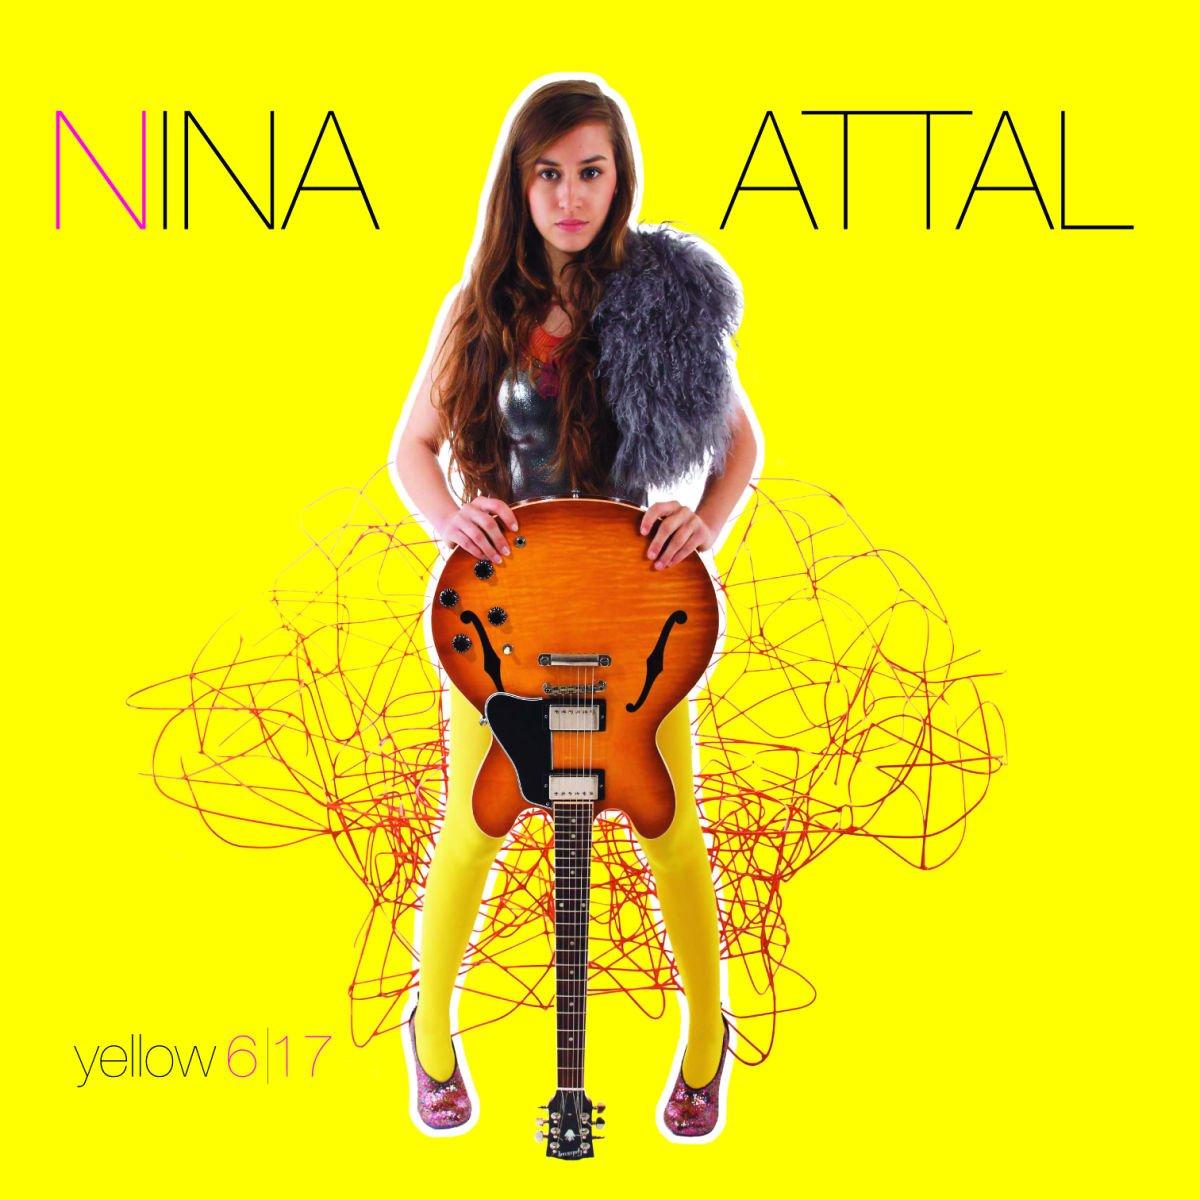 Nina Attal Yellow 6/17